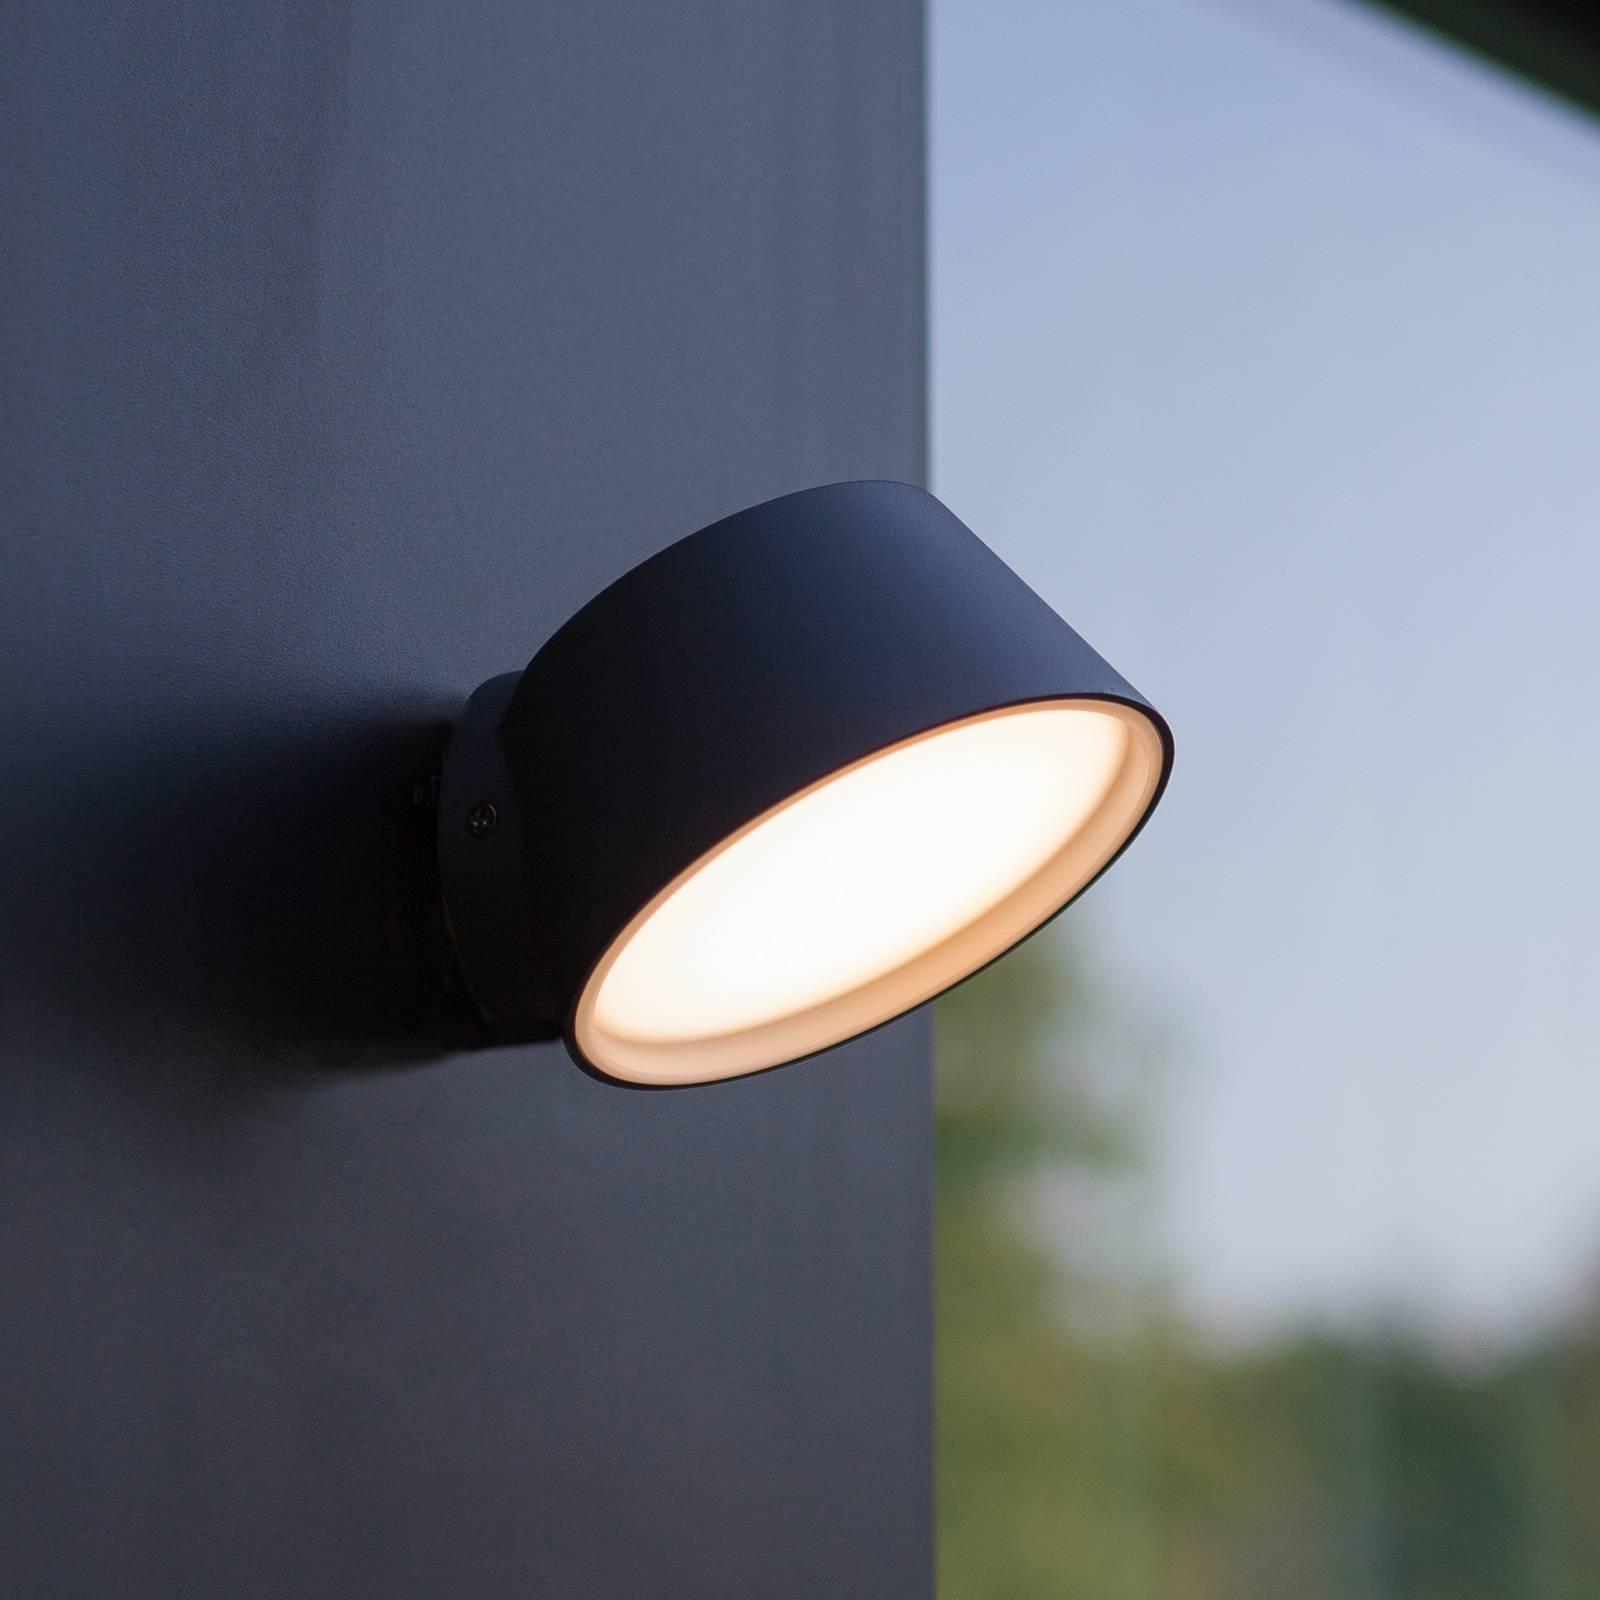 LED-ulkoseinävalaisin Dakota, Tuya-teknologia